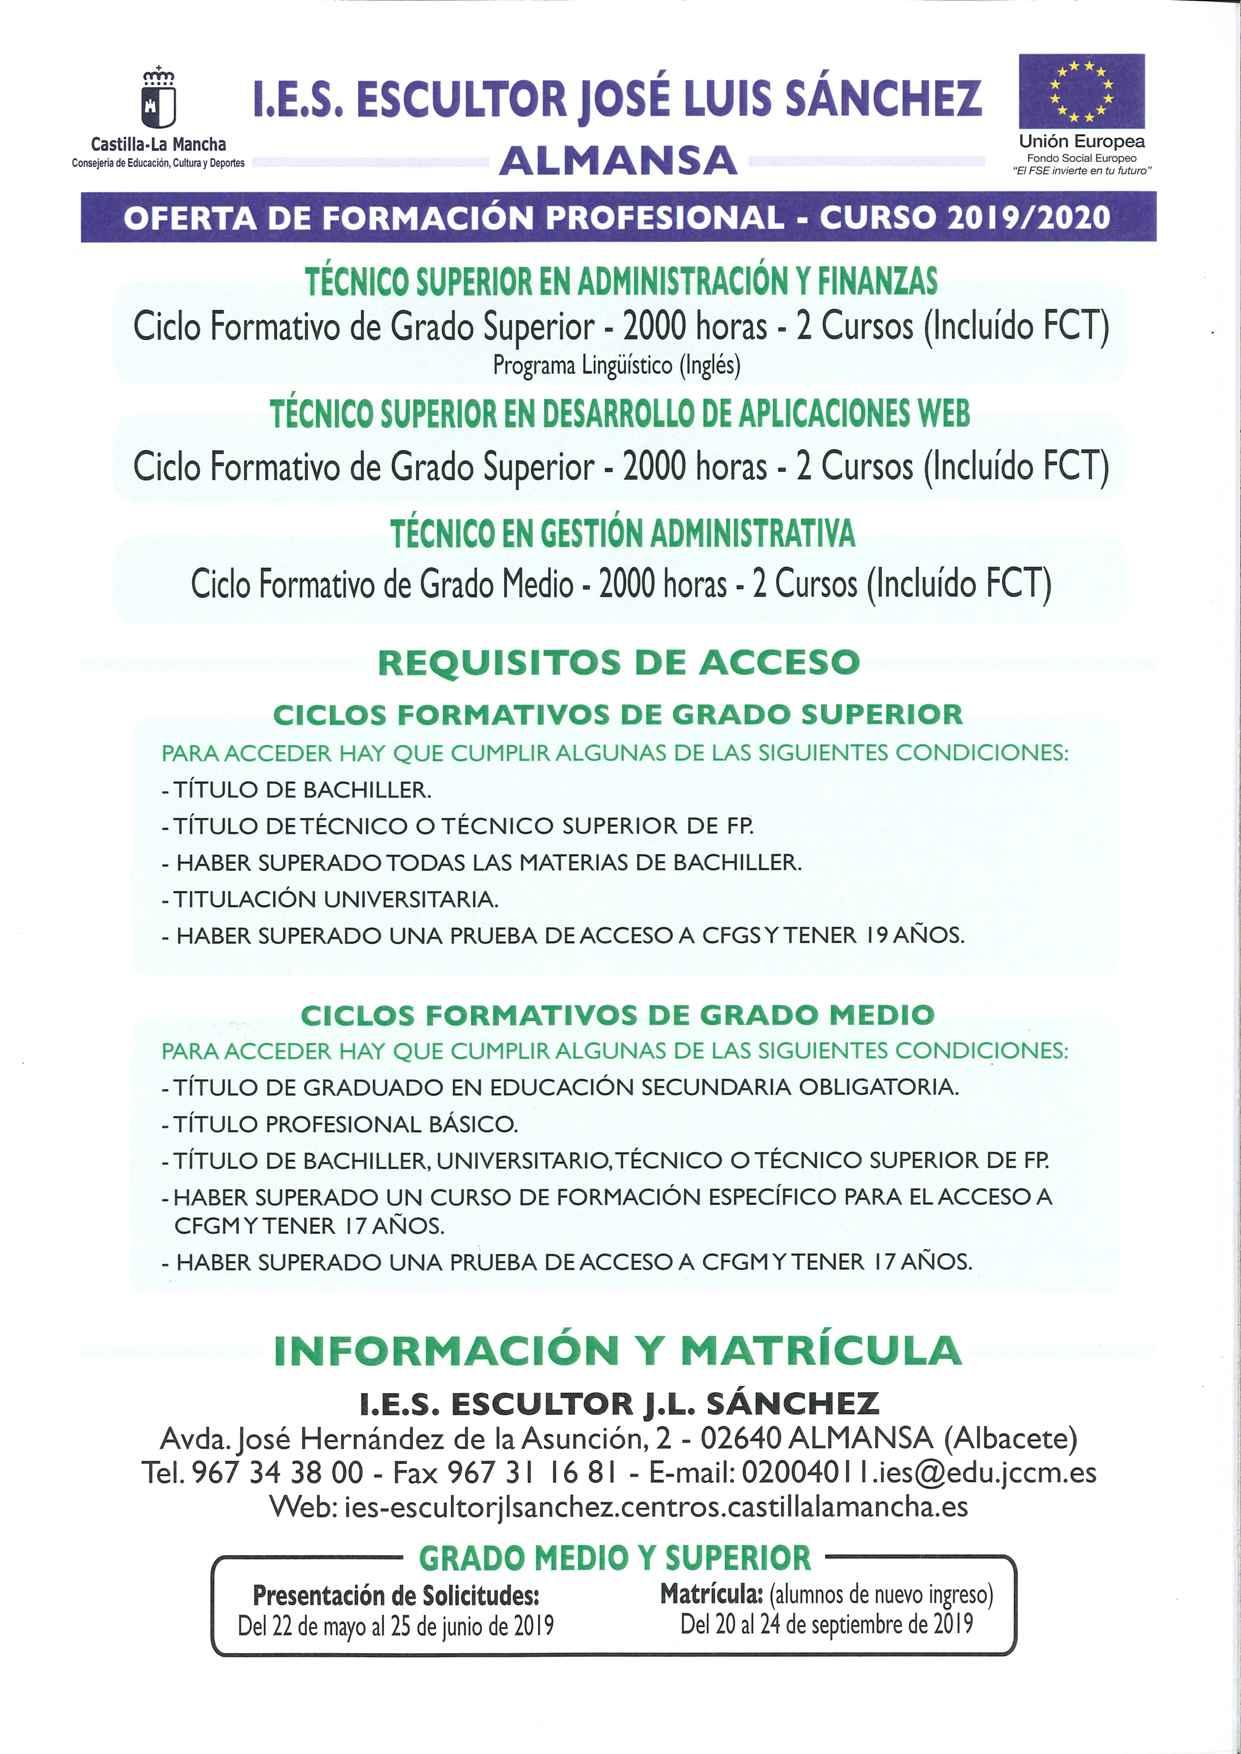 Formación Profesional En El Ies Escultor José Luis Sánchez